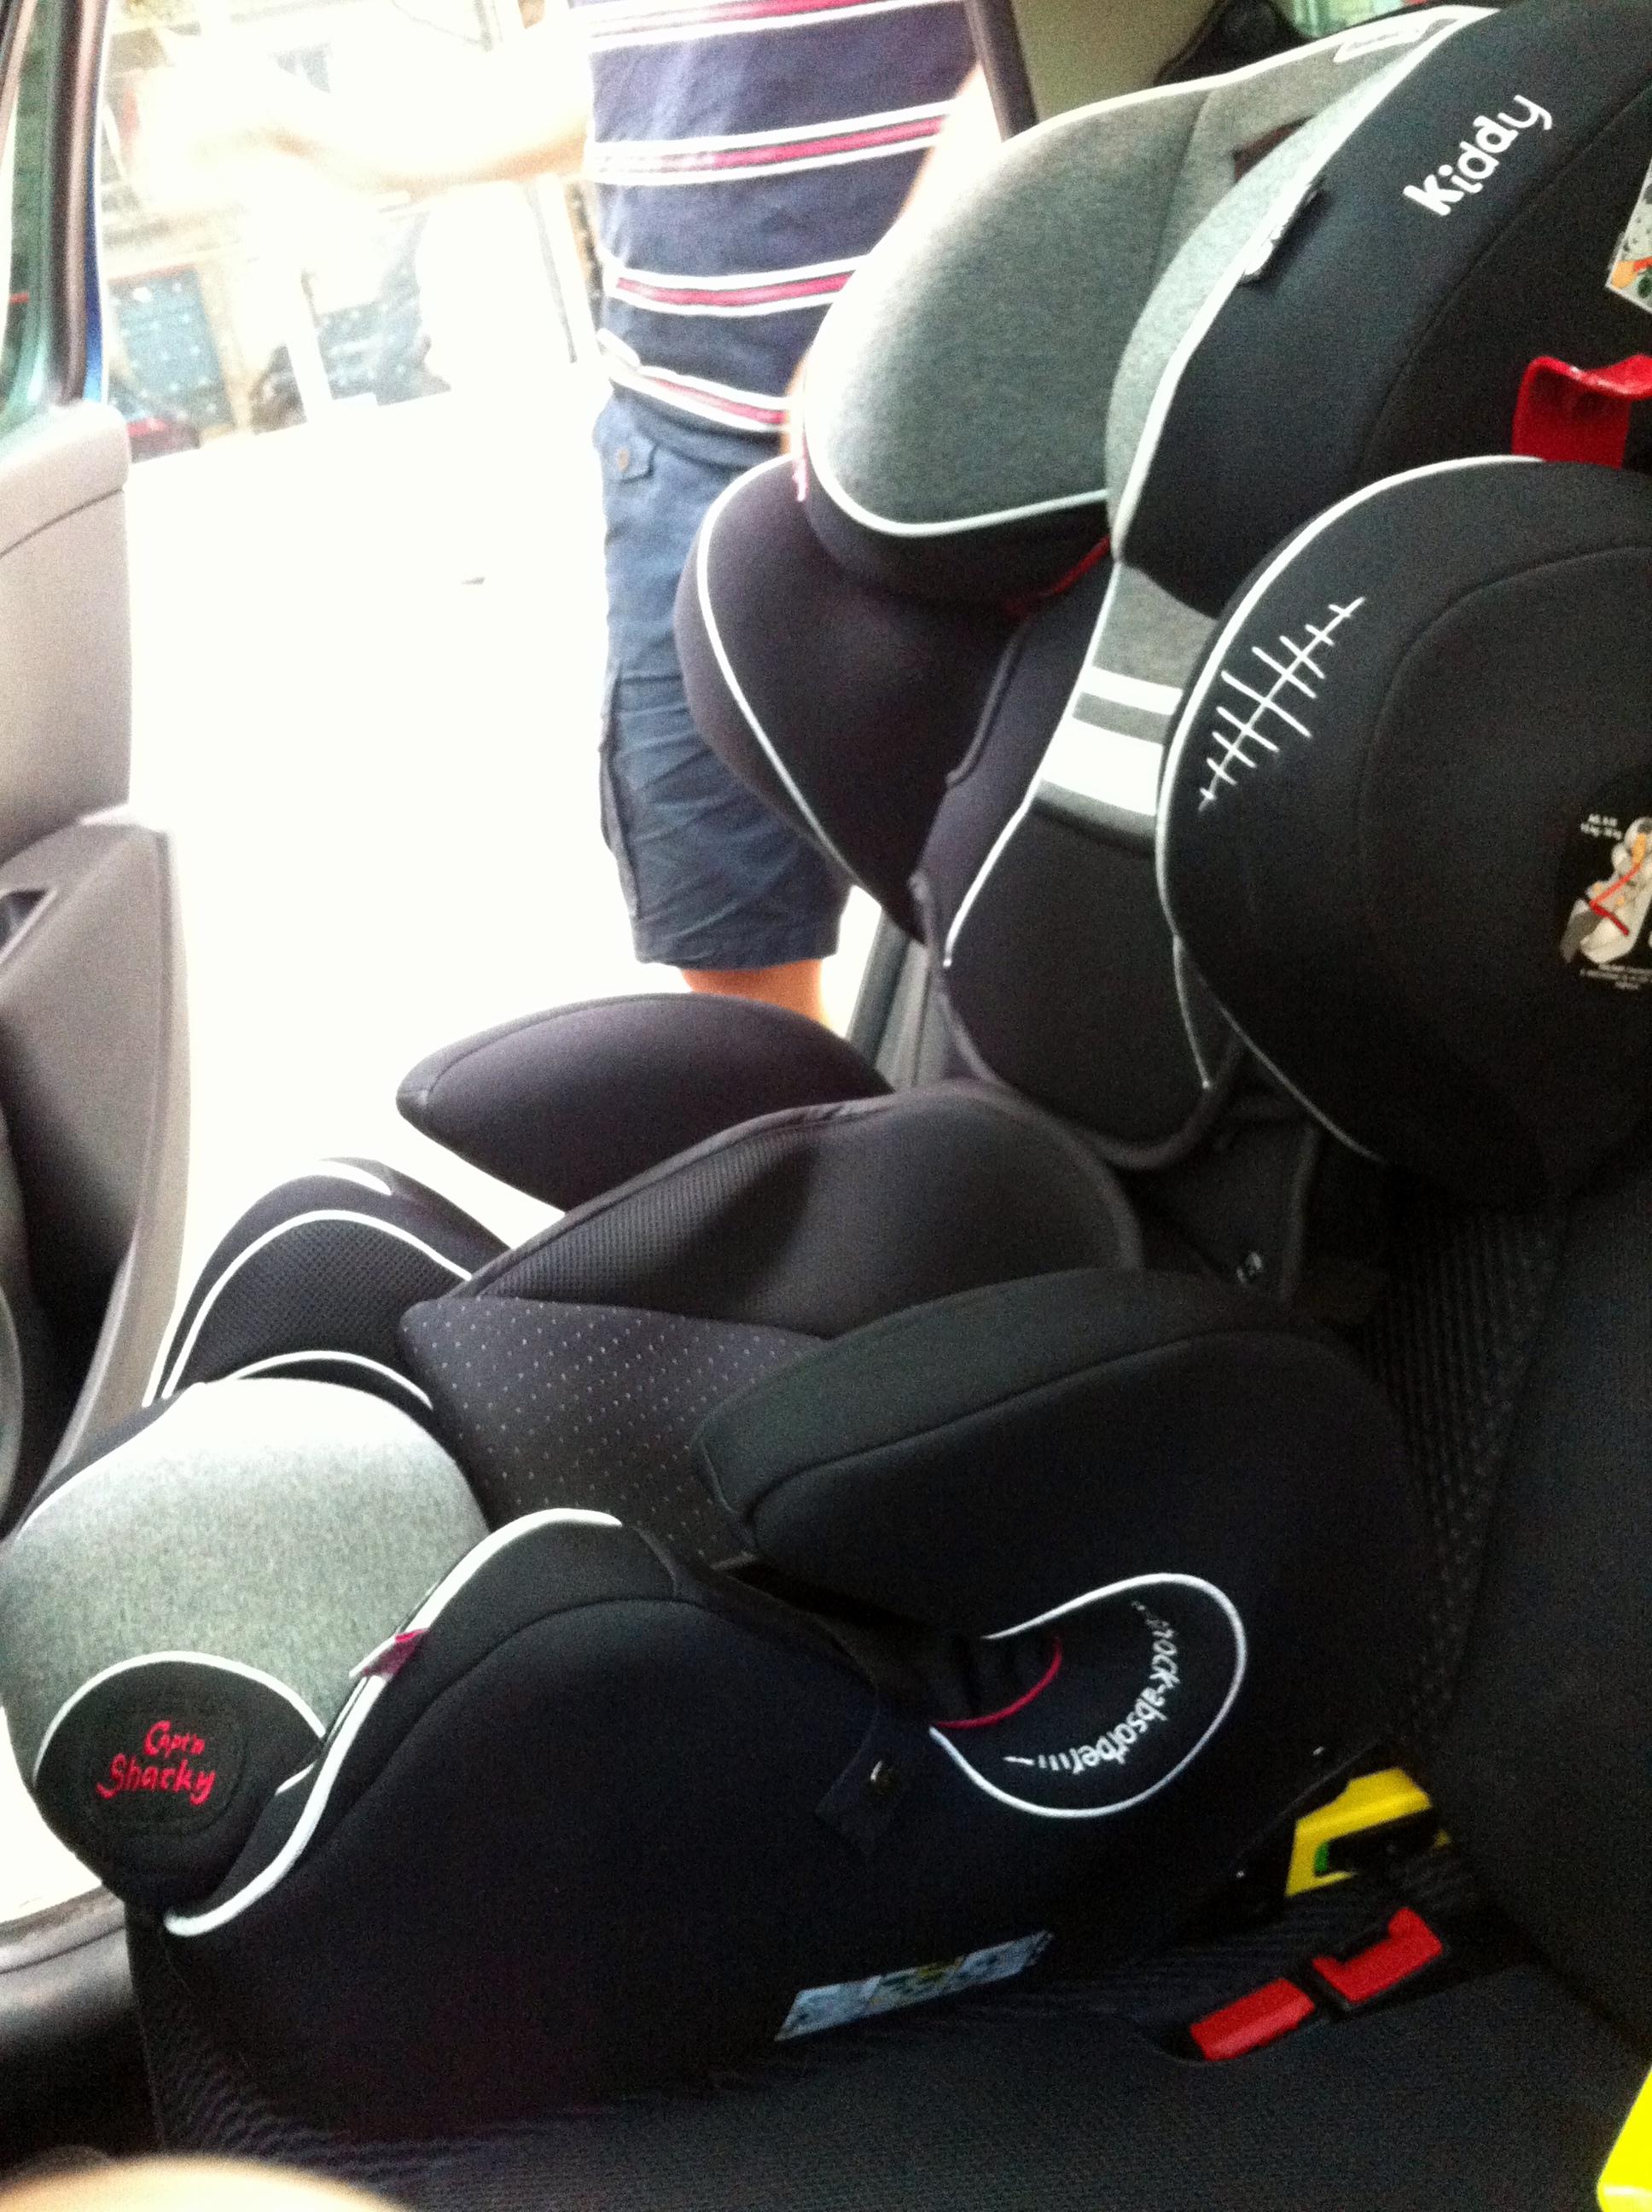 lettre au p re no l pour enfant nomade le si ge auto guardianfix pro 2 de kiddy flying. Black Bedroom Furniture Sets. Home Design Ideas